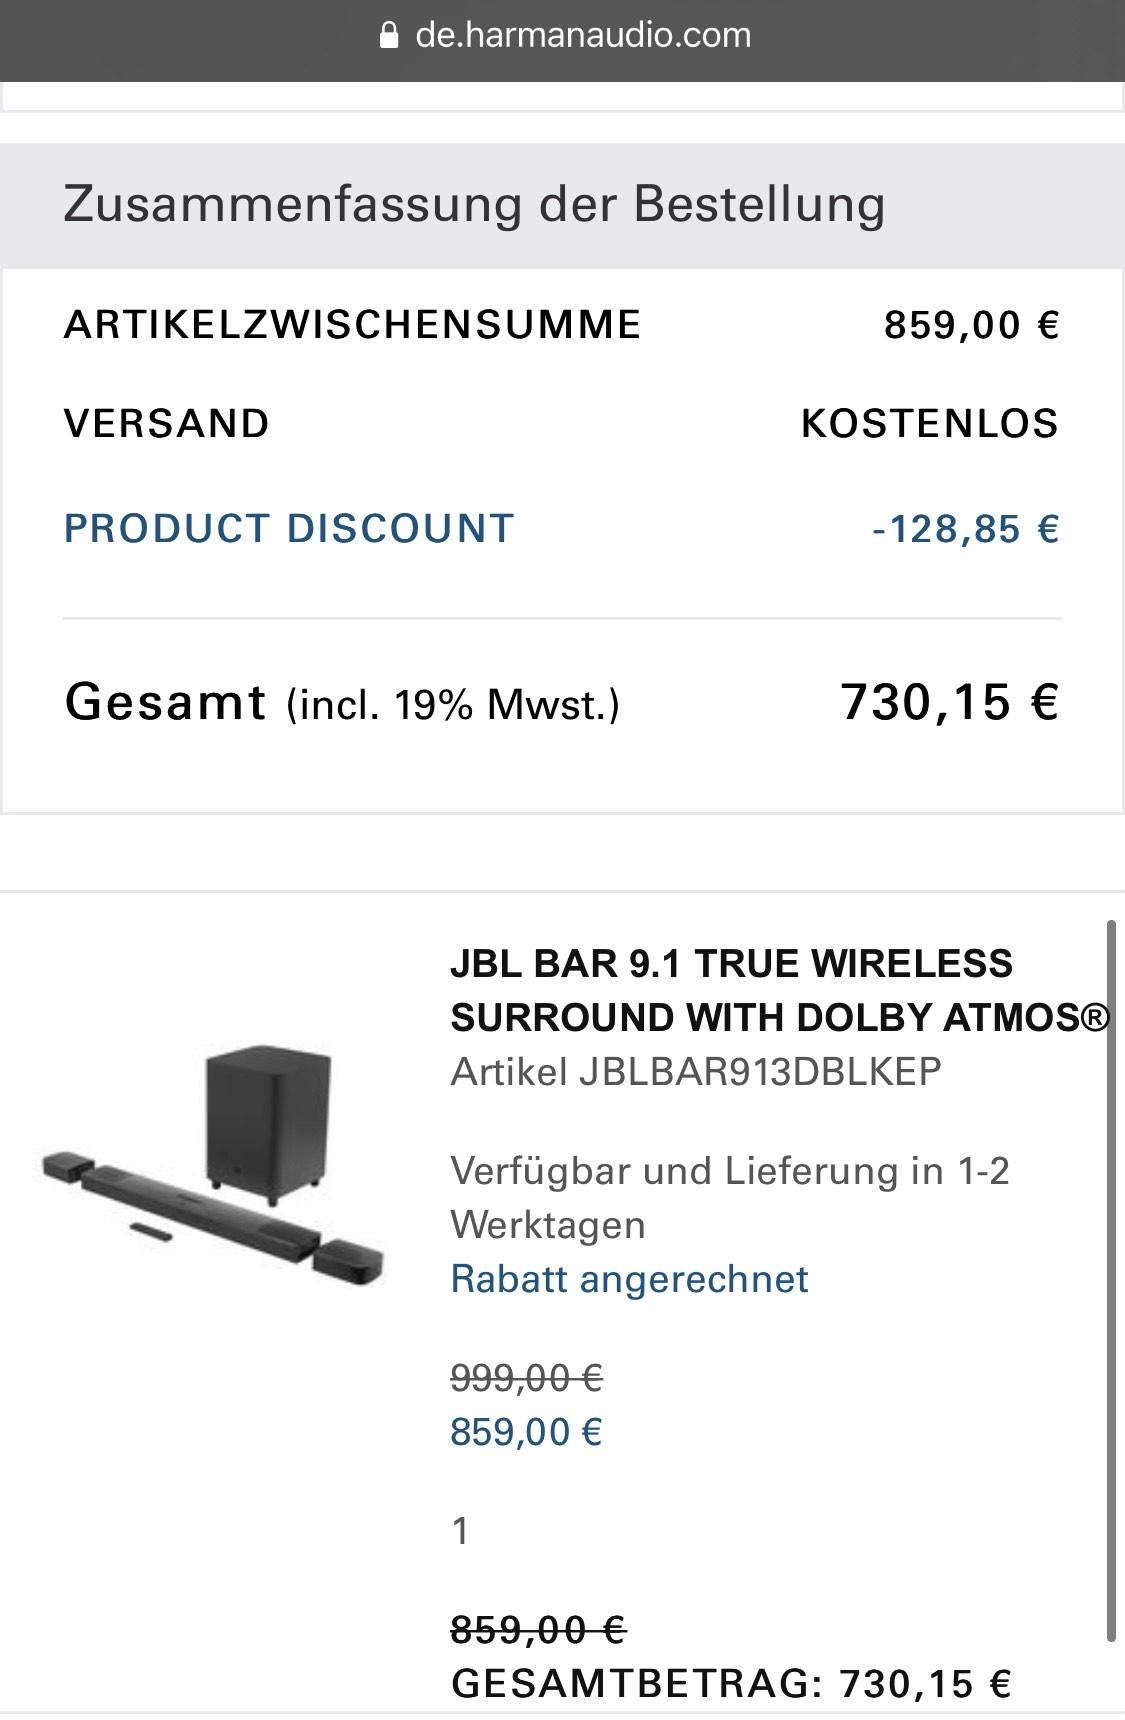 JBL 9.1 Soundbar für 644,25 €